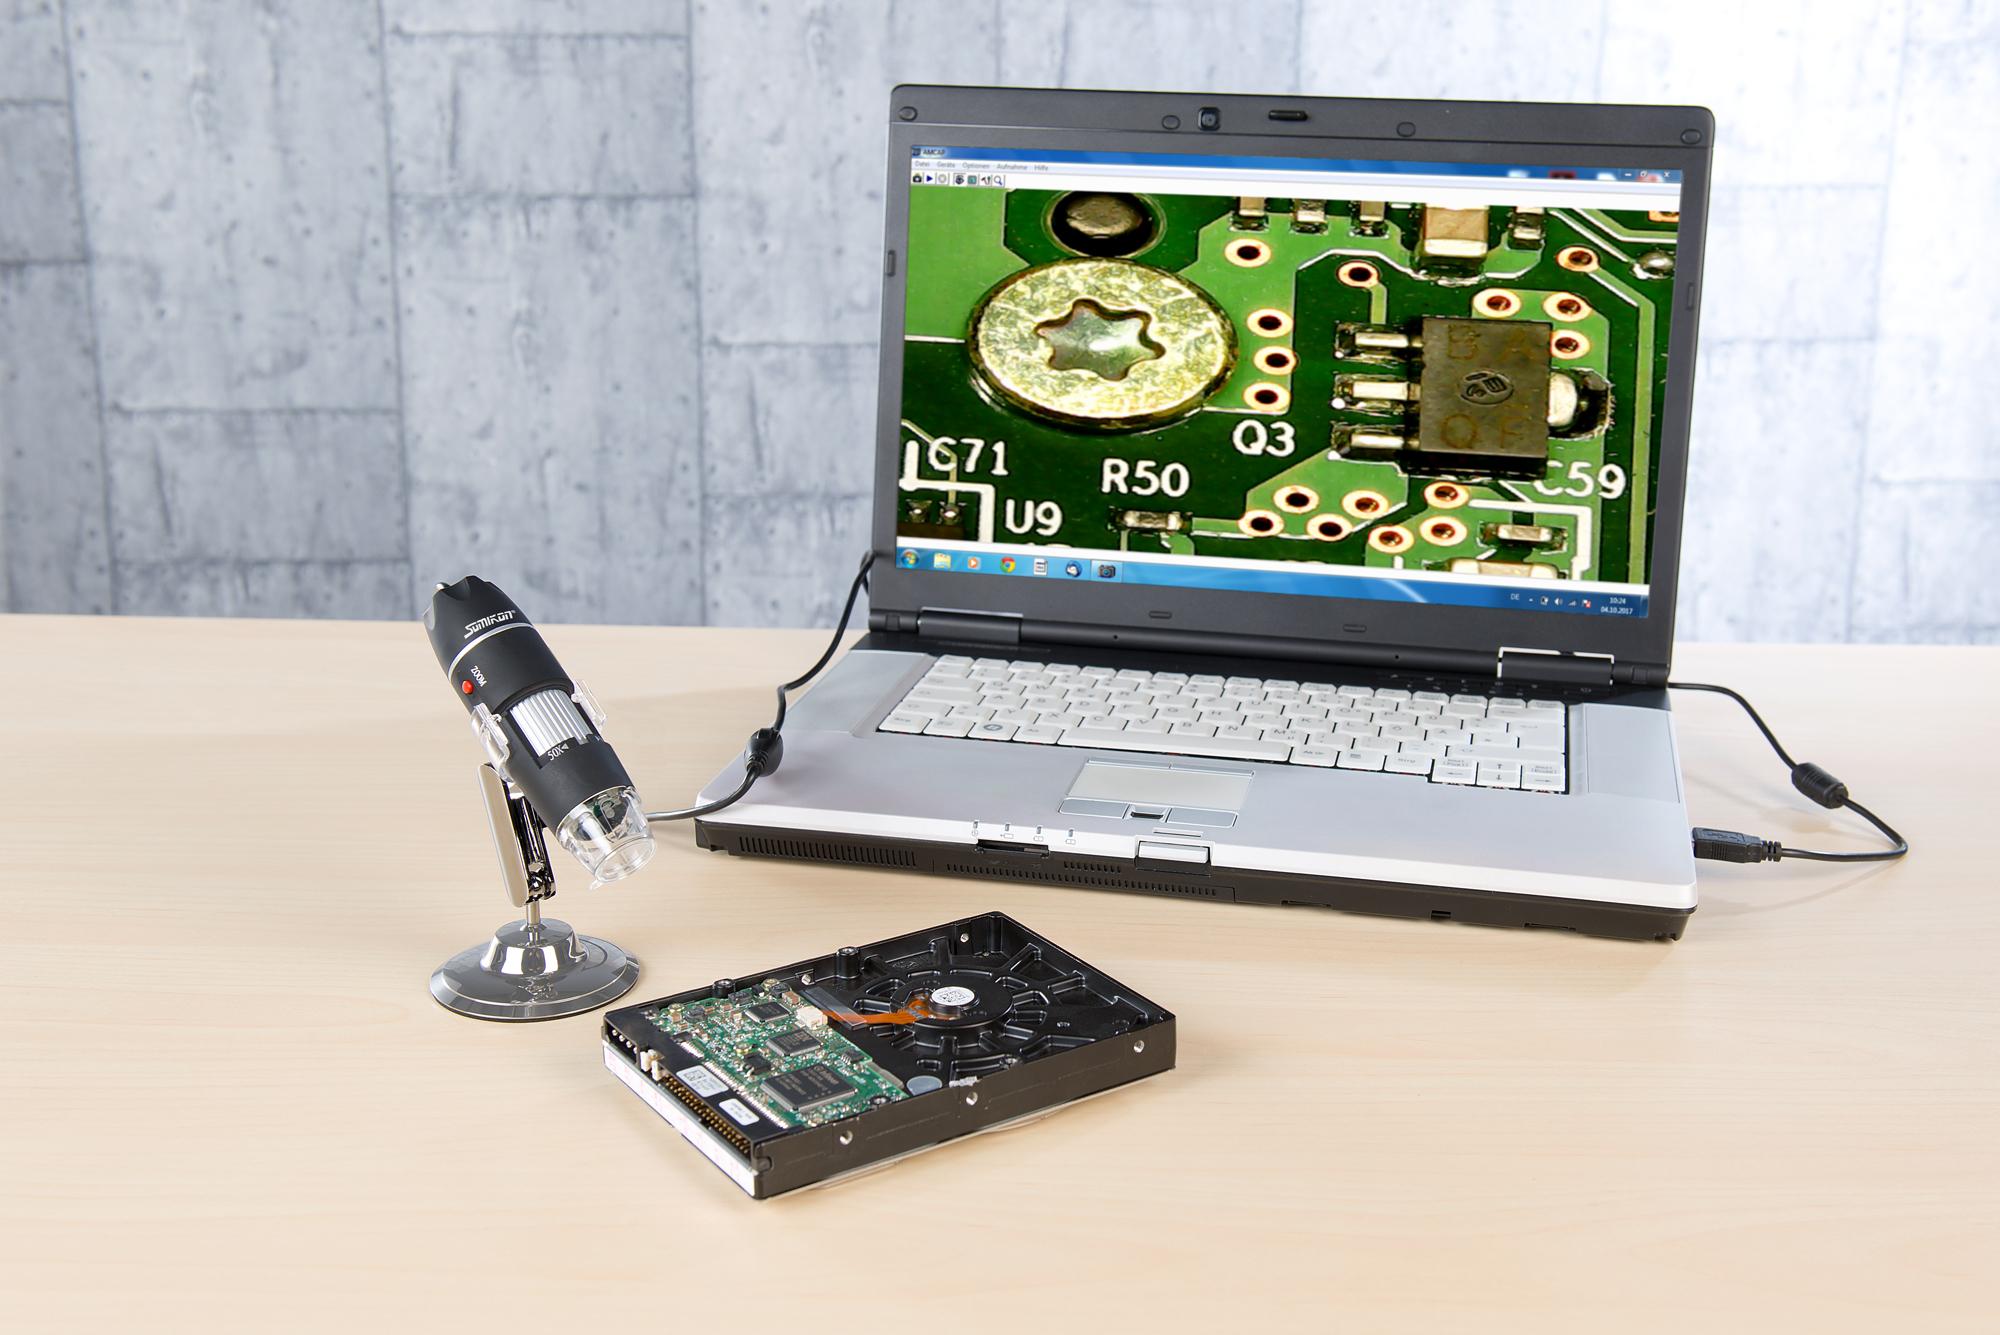 Digitales endoskop mikroskopkamera handmikroskop usb kamera